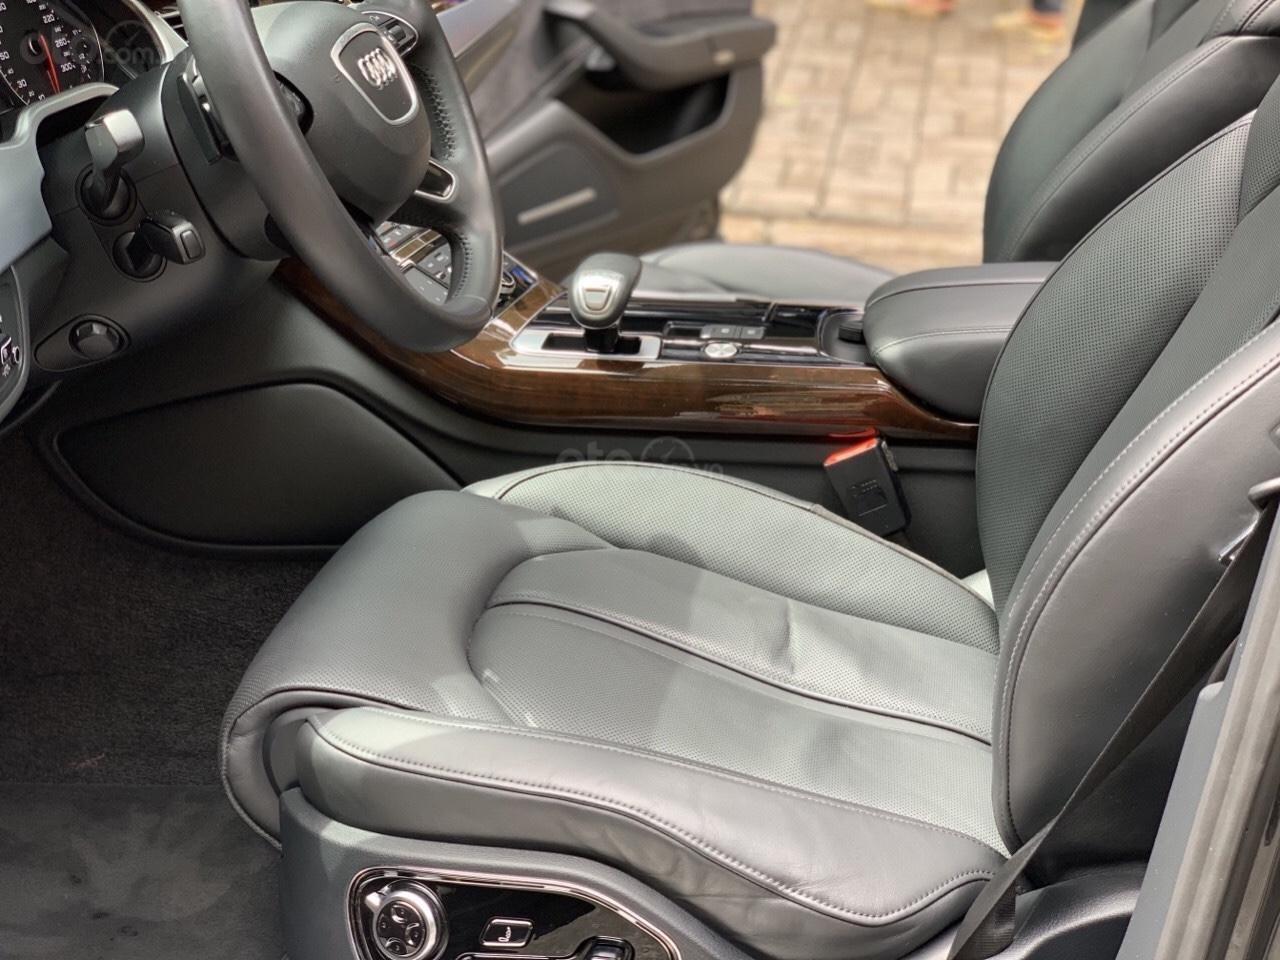 Cần bán xe Audi A8L sản xuất năm 2015, màu đen, nhập khẩu nguyên chiếc (3)